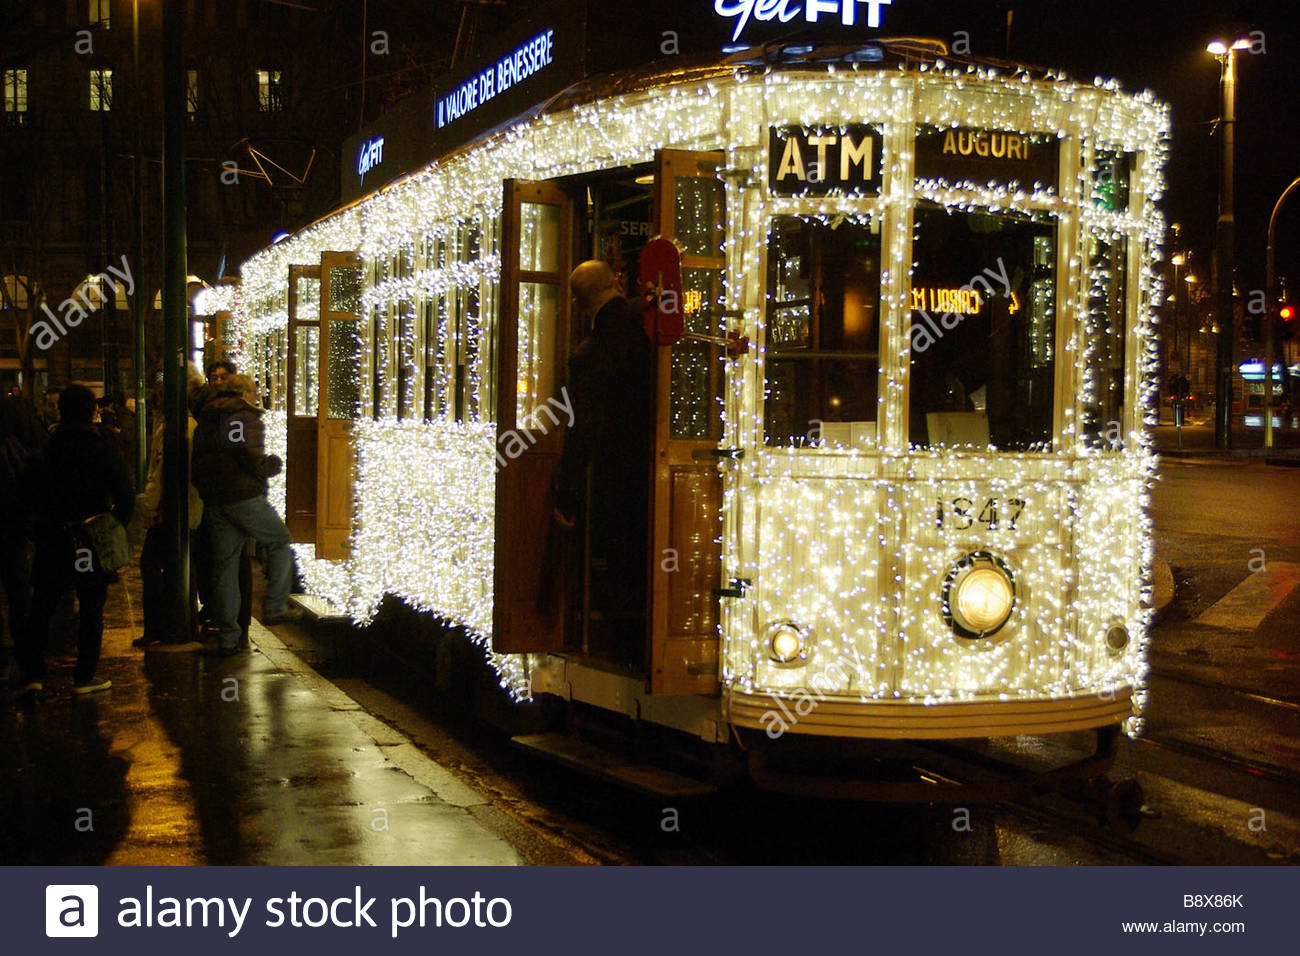 Milano Decorazioni Natalizie.Tram Con Decorazione Di Natale Milano Italia Foto